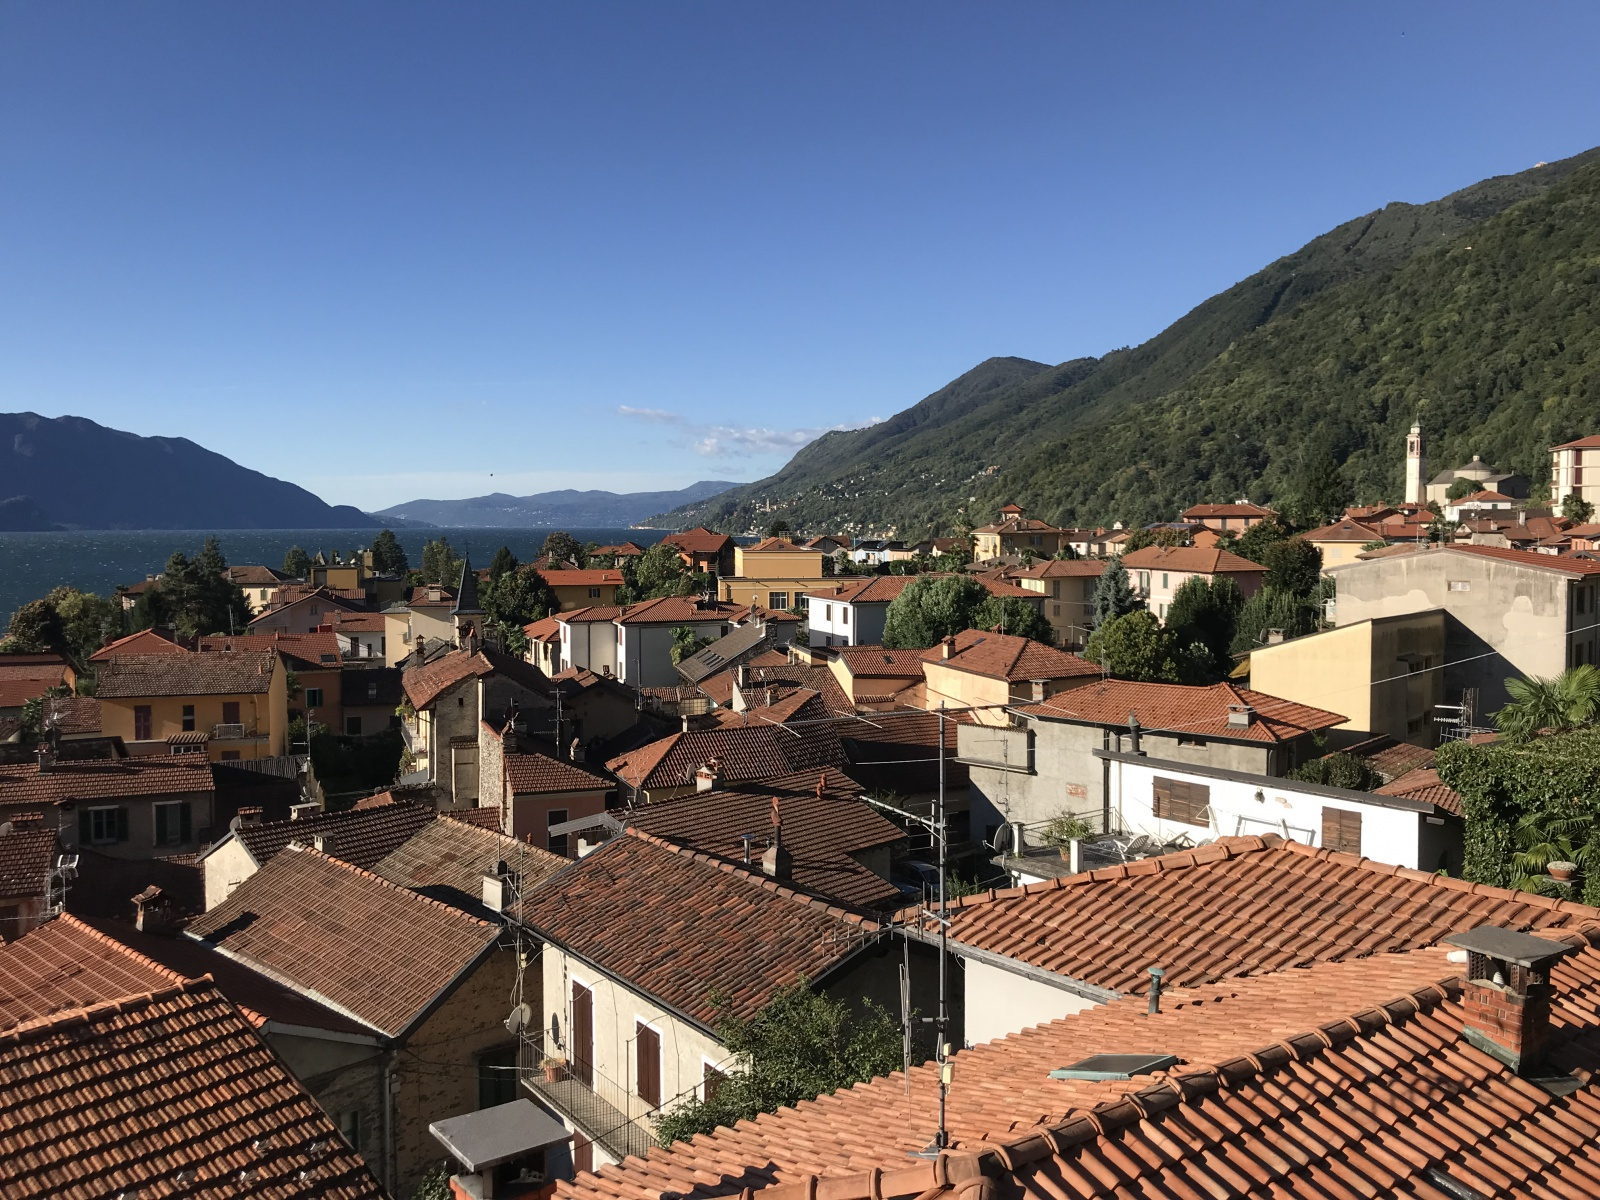 2018-09-24_Cannobio0044